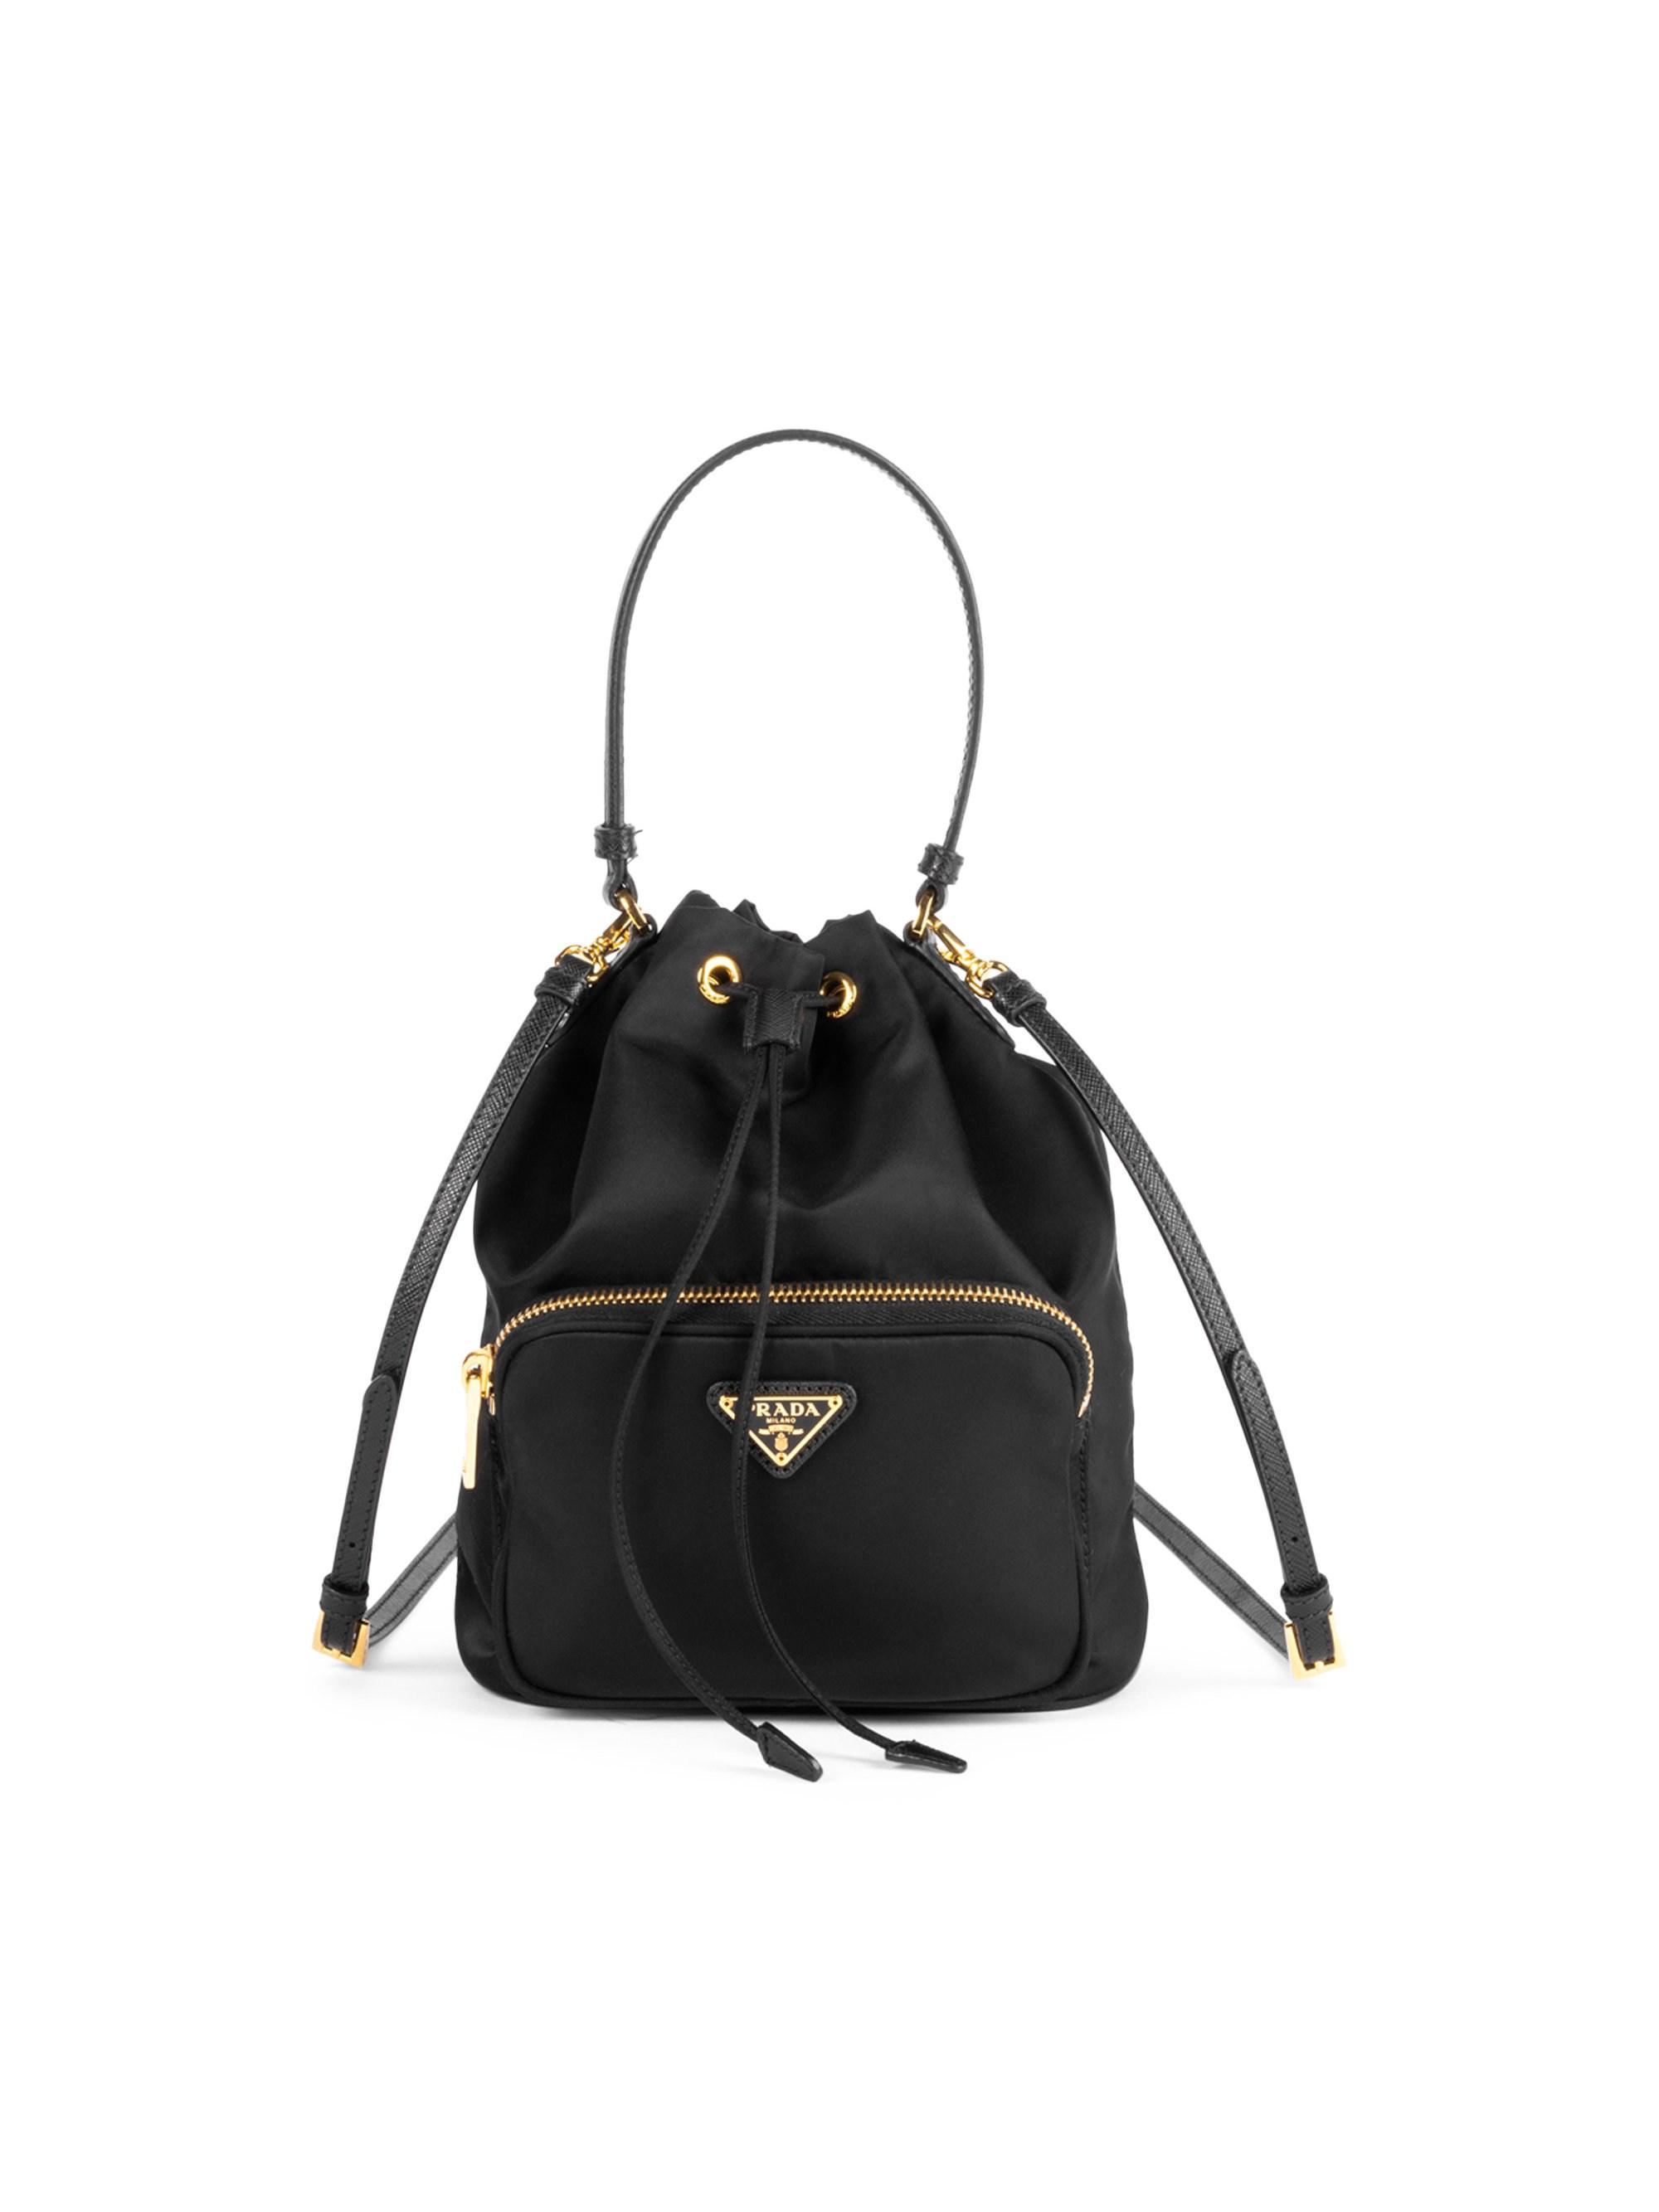 45e8bacb38e6 Lyst - Prada Women s Nylon Bucket Bag - Black in Black